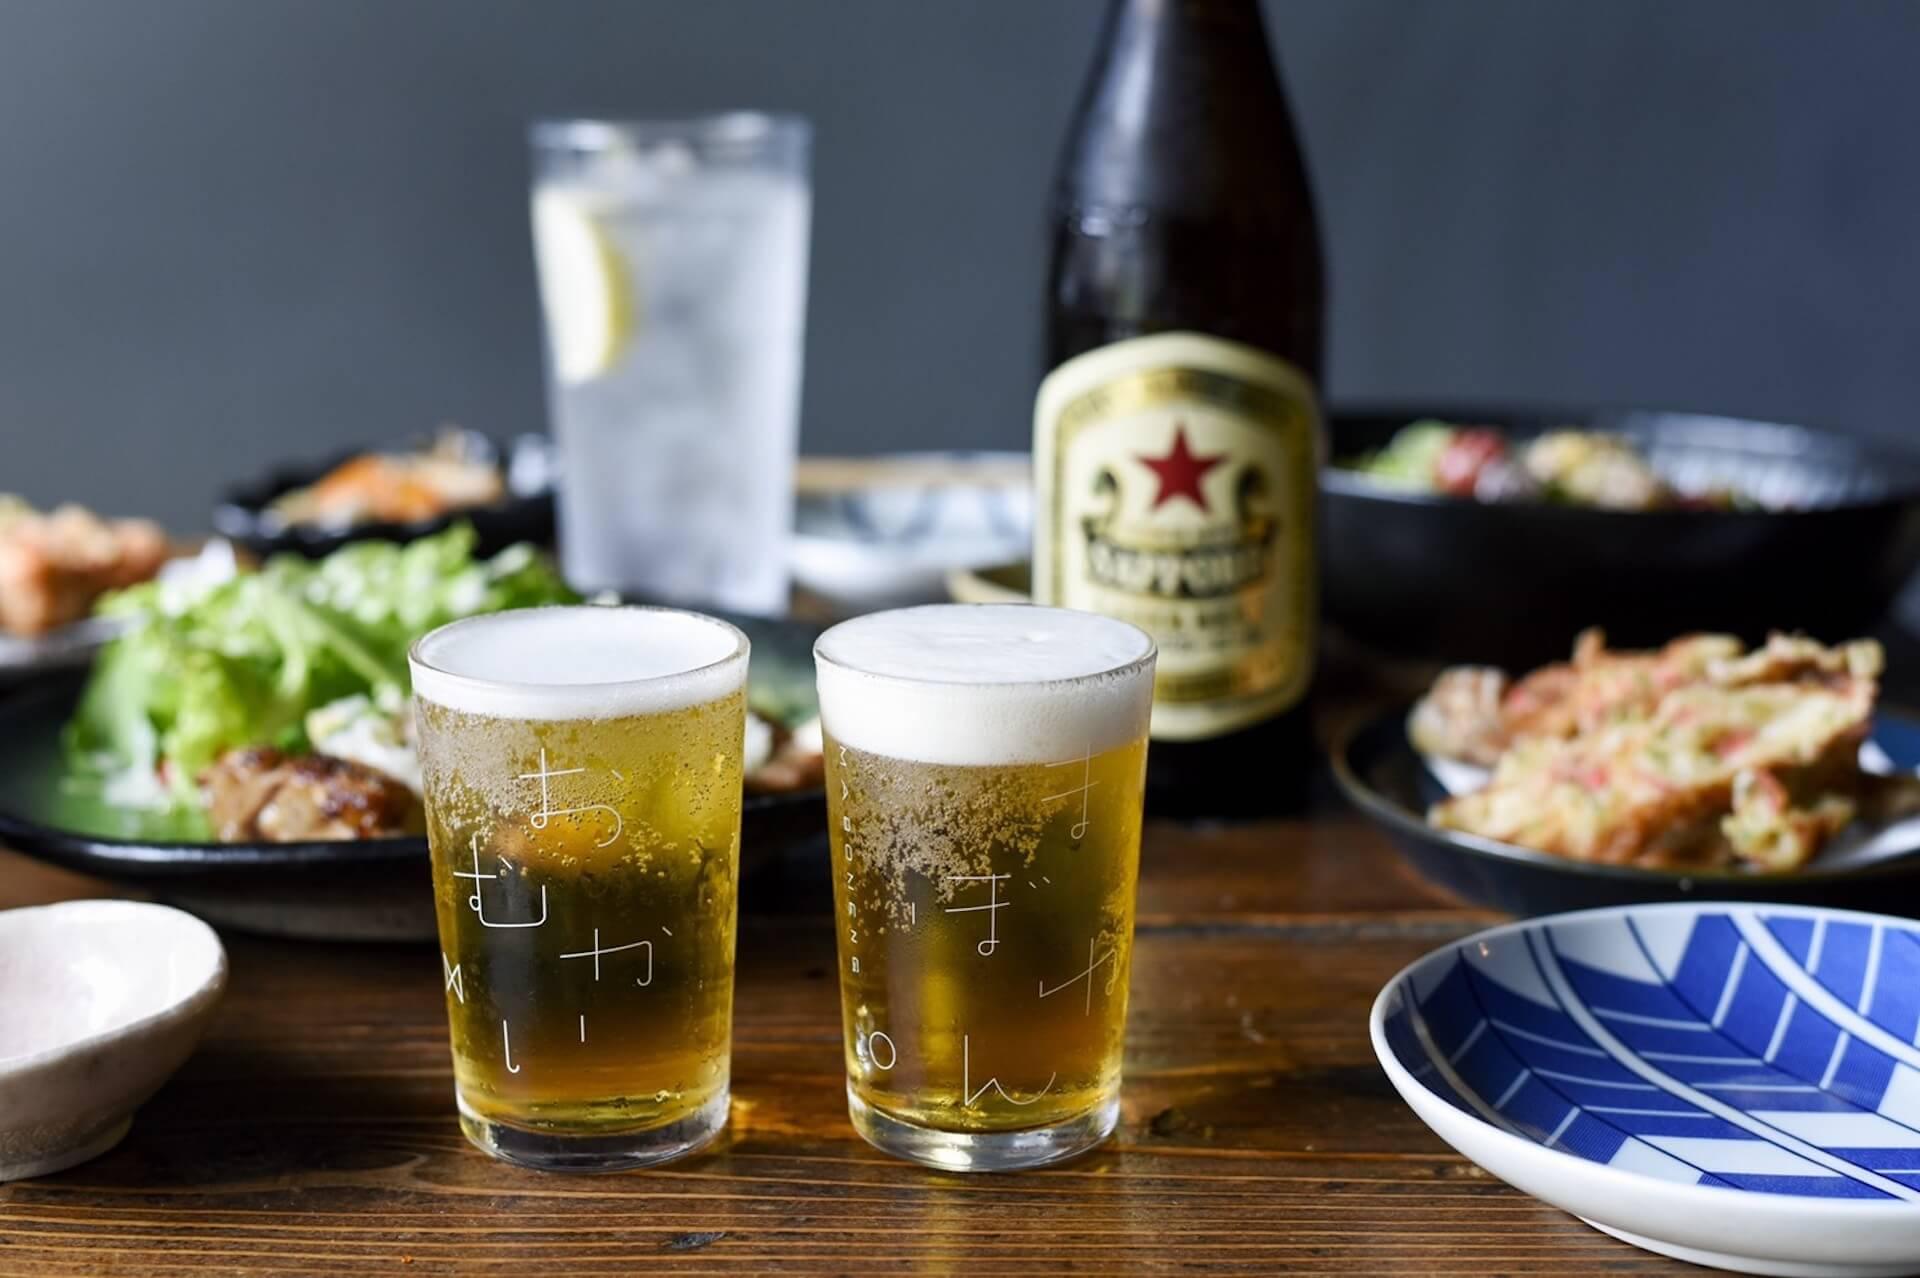 下北沢まぼねんとCRAFTROCK BREWINGのコラボクラフトビール「Maboneng IPA」が発売!アートワークにMargtが参加 culture_210705_Maboneng-IPA1